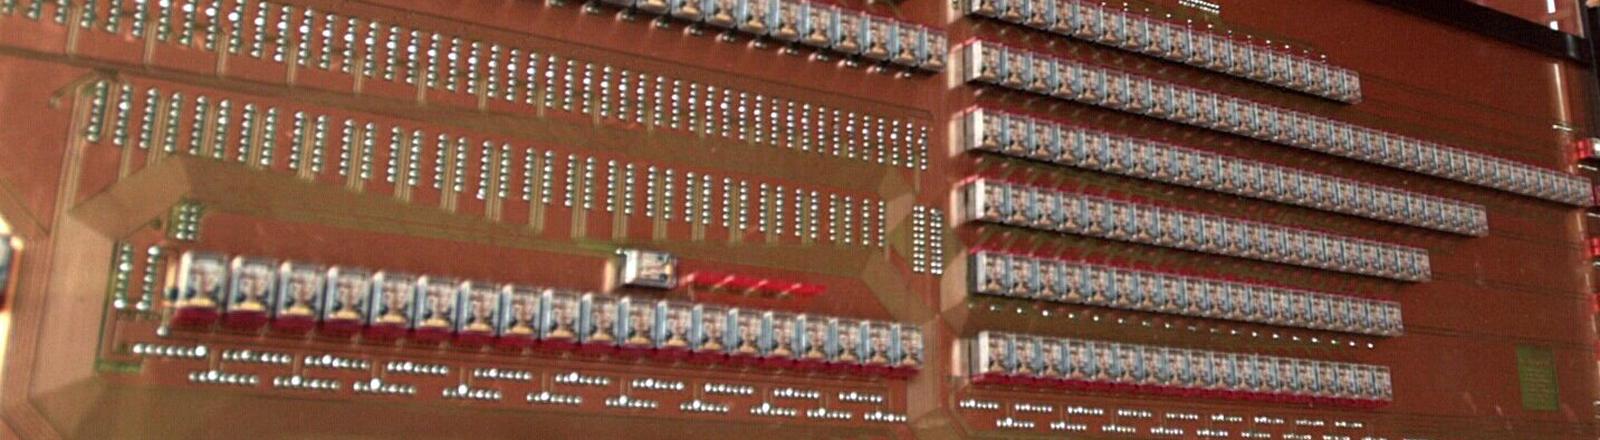 Das Rechenwerk des ersten Computers Z3 von Konrad Zuse.